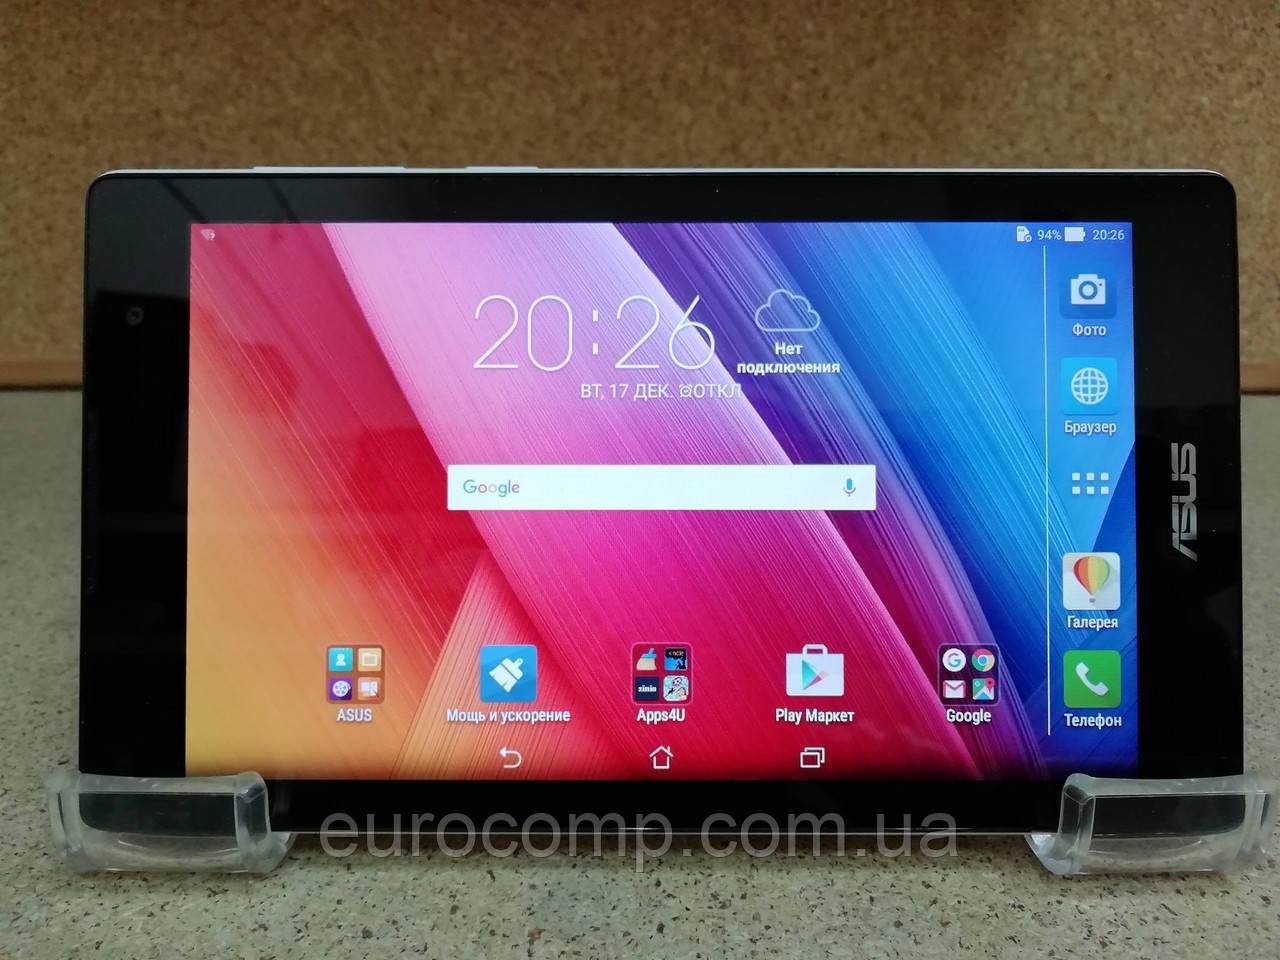 Планшет Asus ZenPad 7 Z170CG (7''/4 ядра/1GB/16GB/3G звонки 2 SIM/Android 5.0/White)